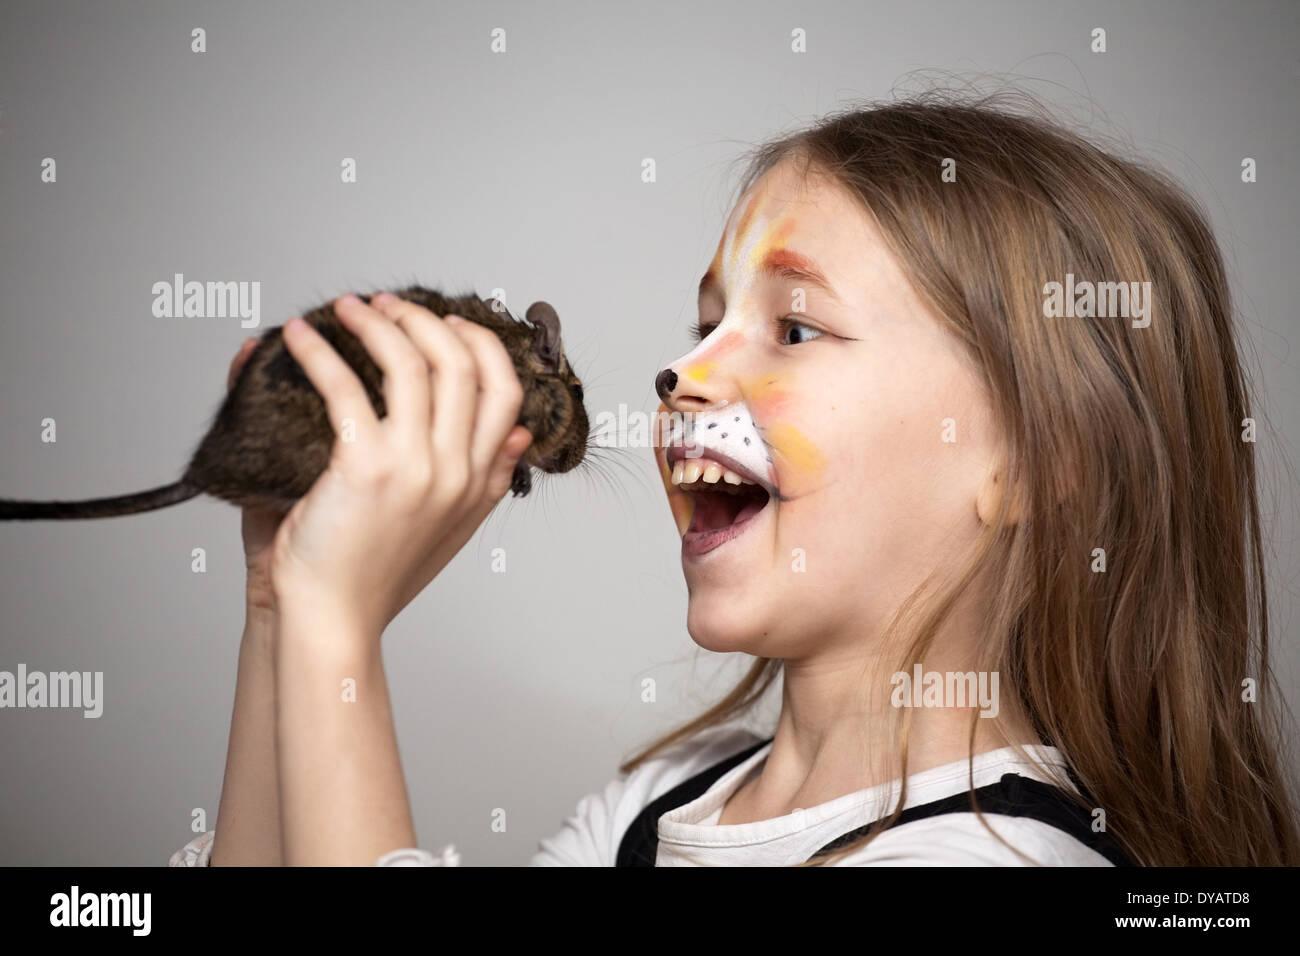 cat makeup little girl